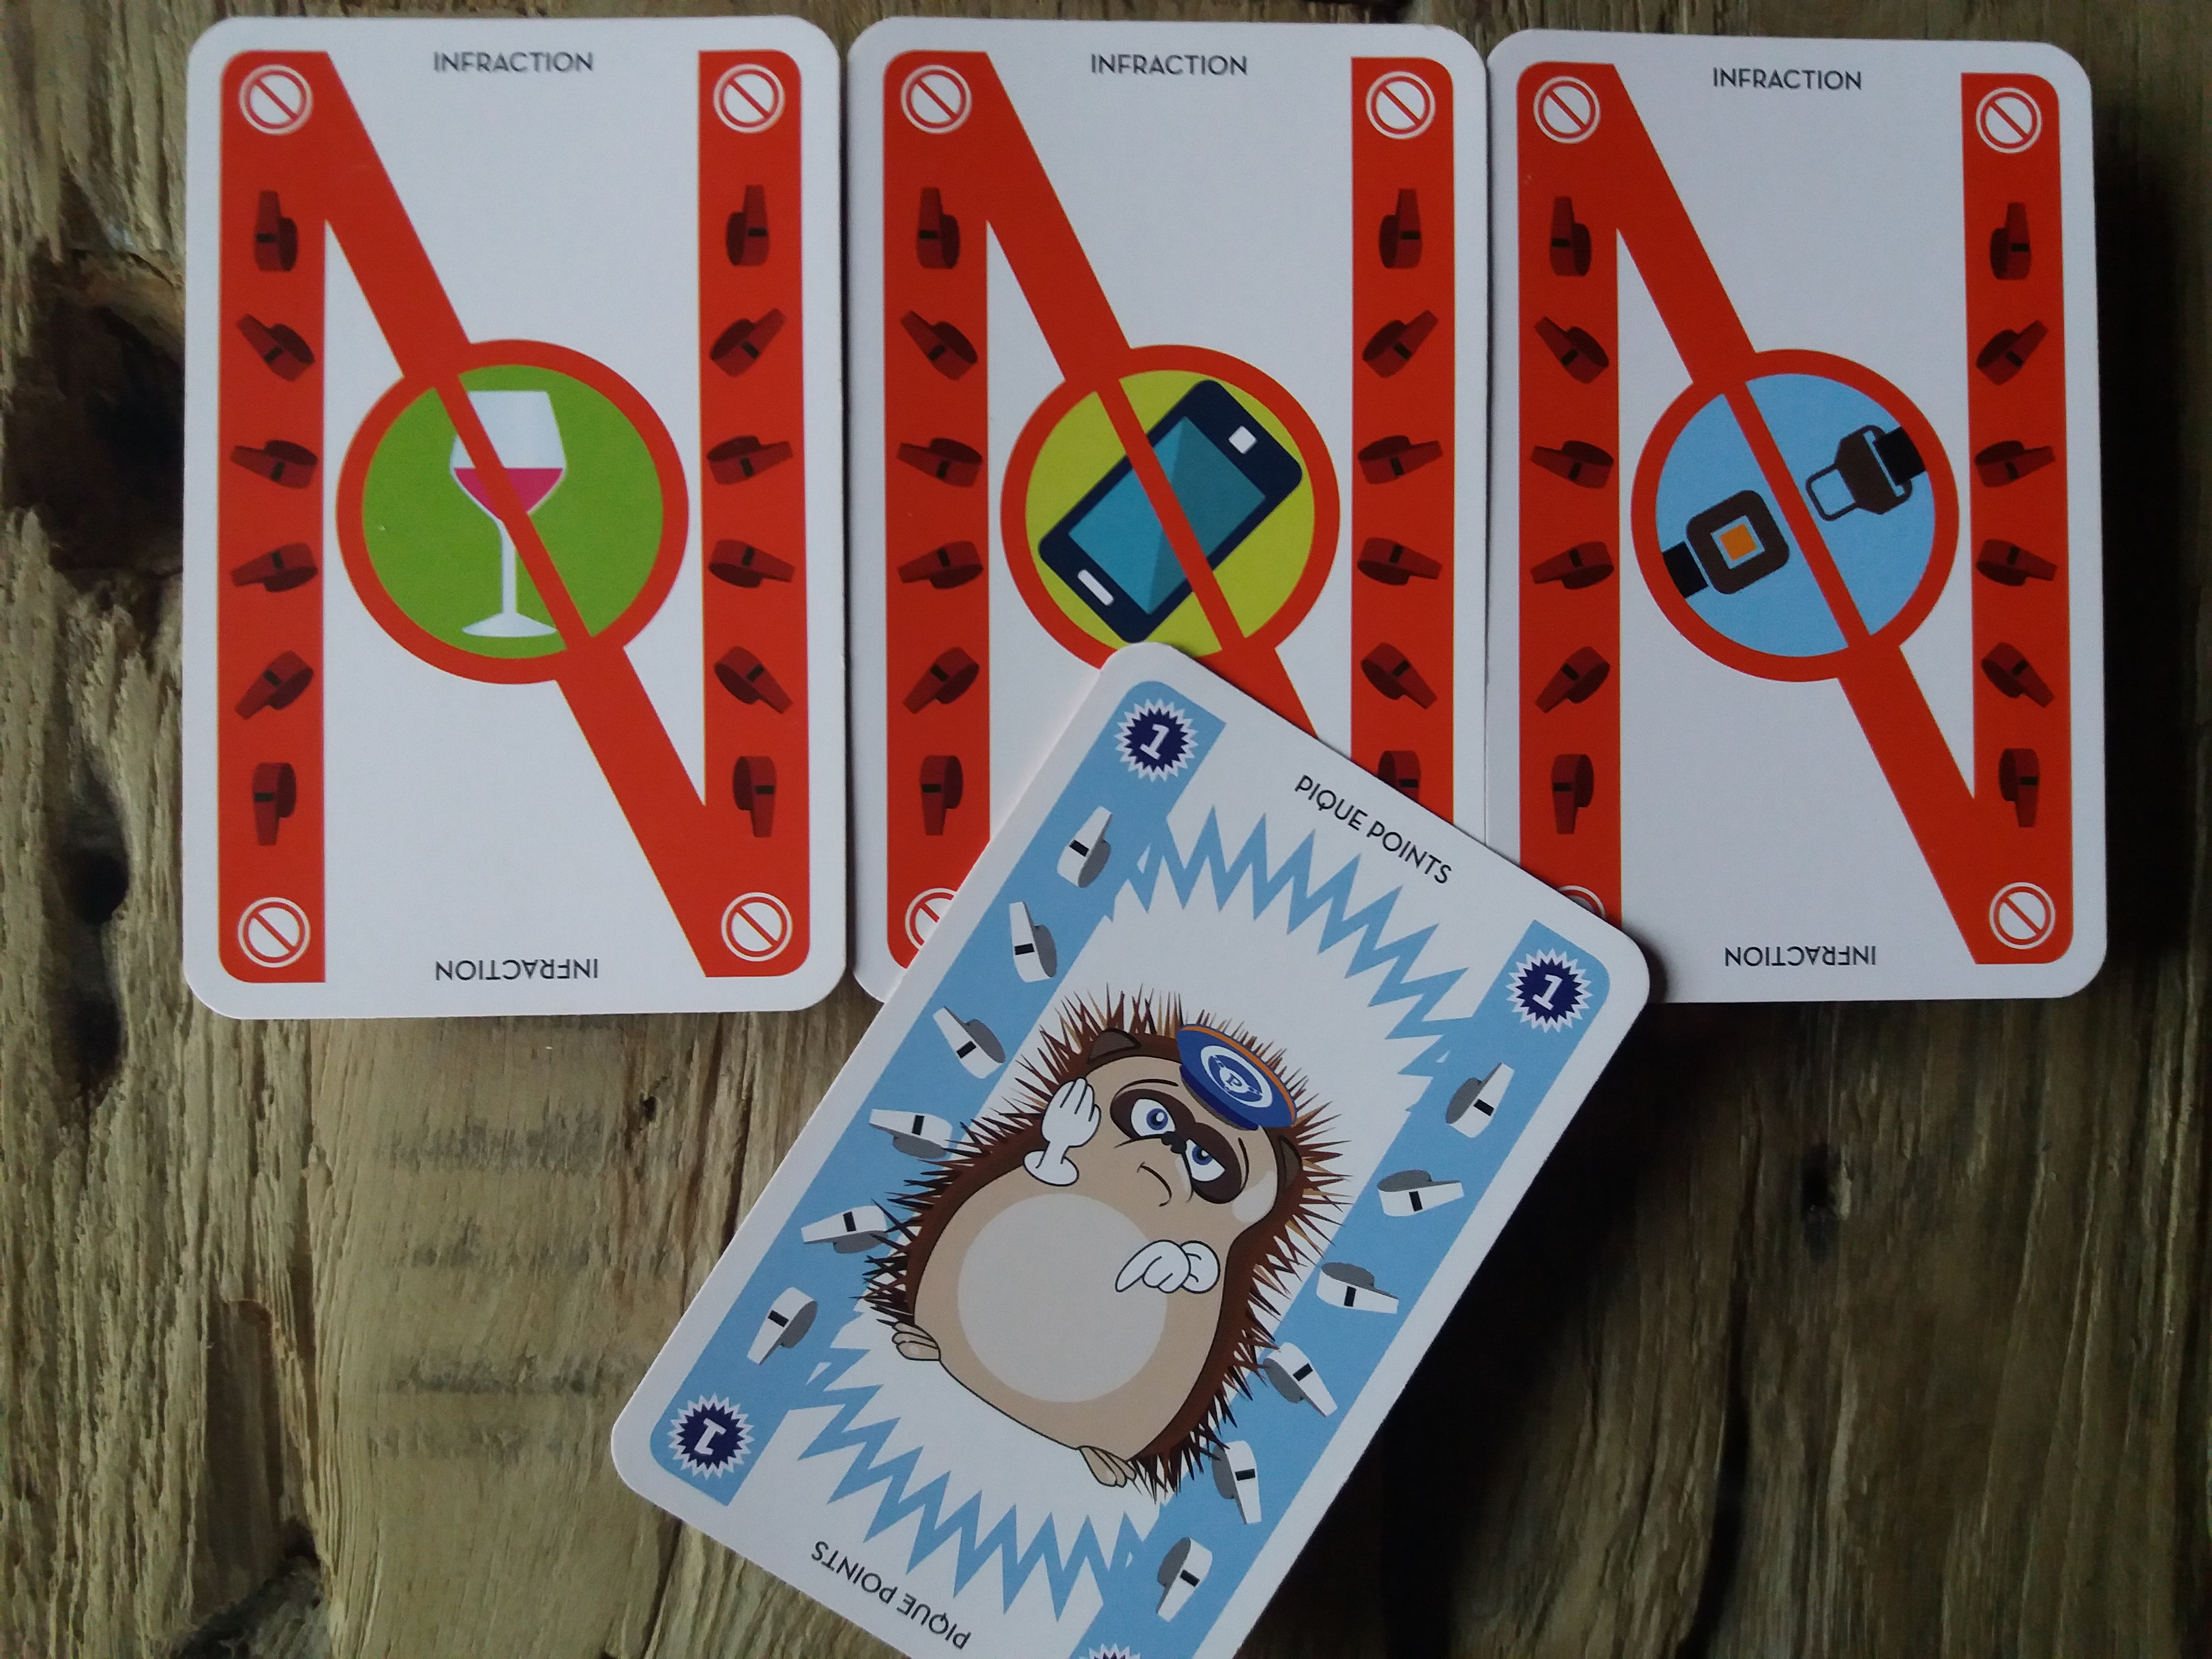 Pour cela il ne faut pas faire d'infraction et se faire piquer des points par un autre joueur. A vous de trouver des stratégies pour vider vos cartes sur la pile commune, stocker vos points devant vous et empêcher les autres de gagner! Découvrez comment jouer avec le tuto des jeux de 34 cartes et de 110 cartes!